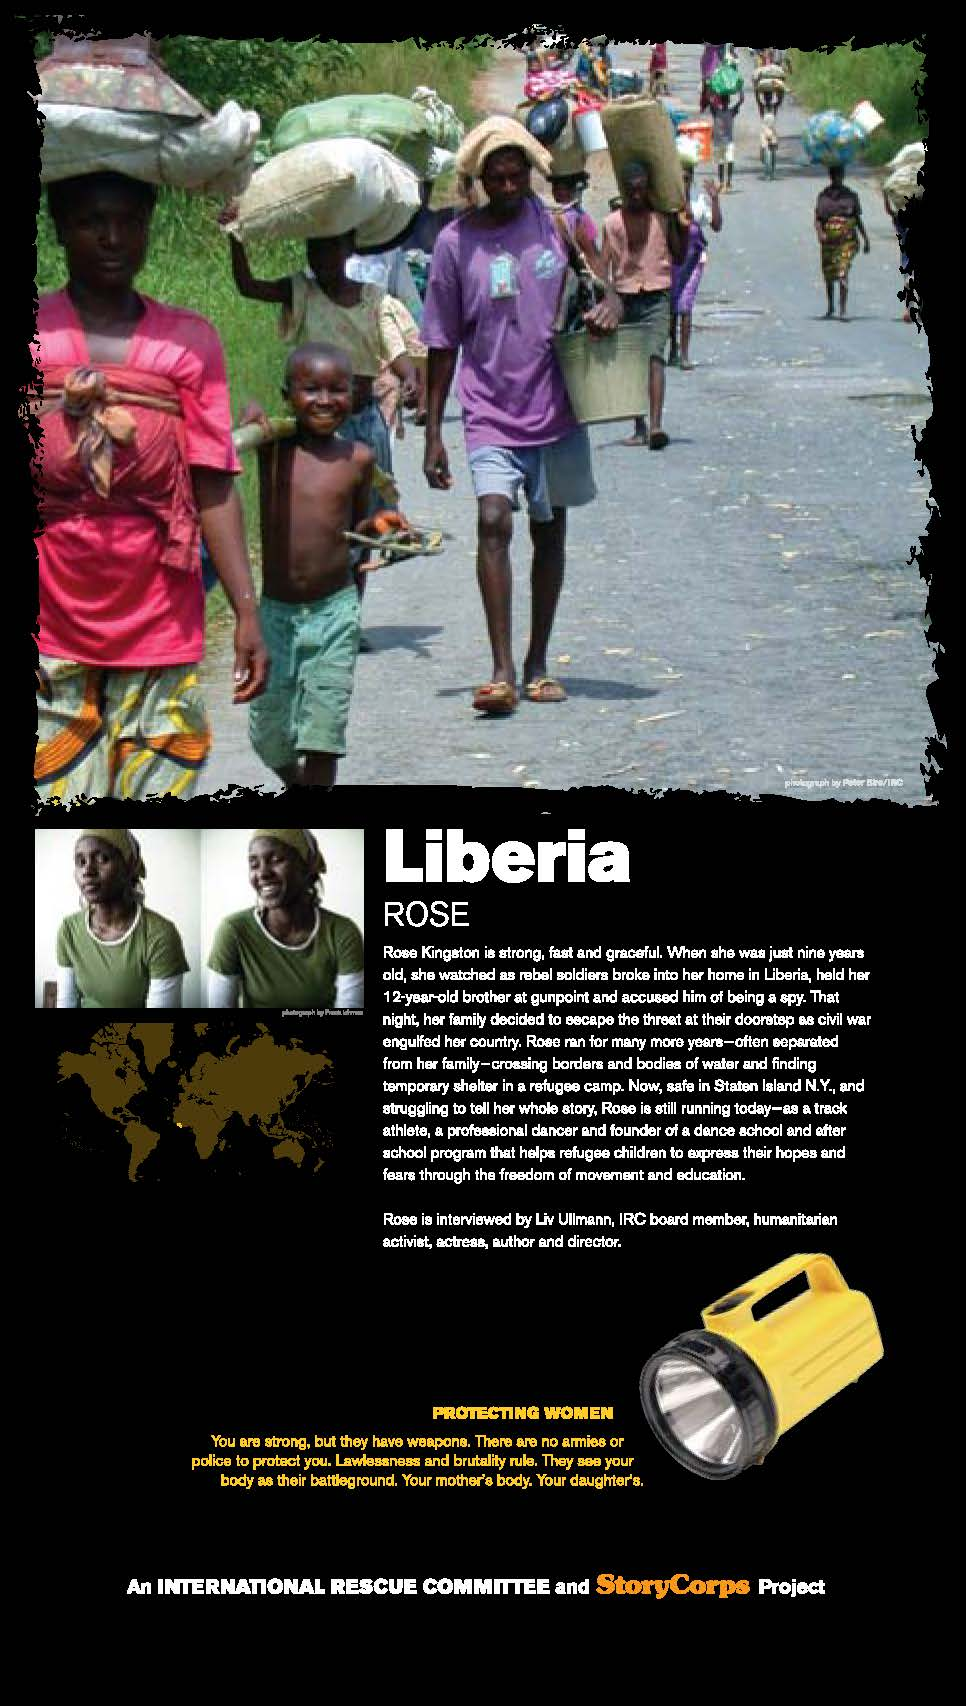 scorps_banner_liberia.jpg